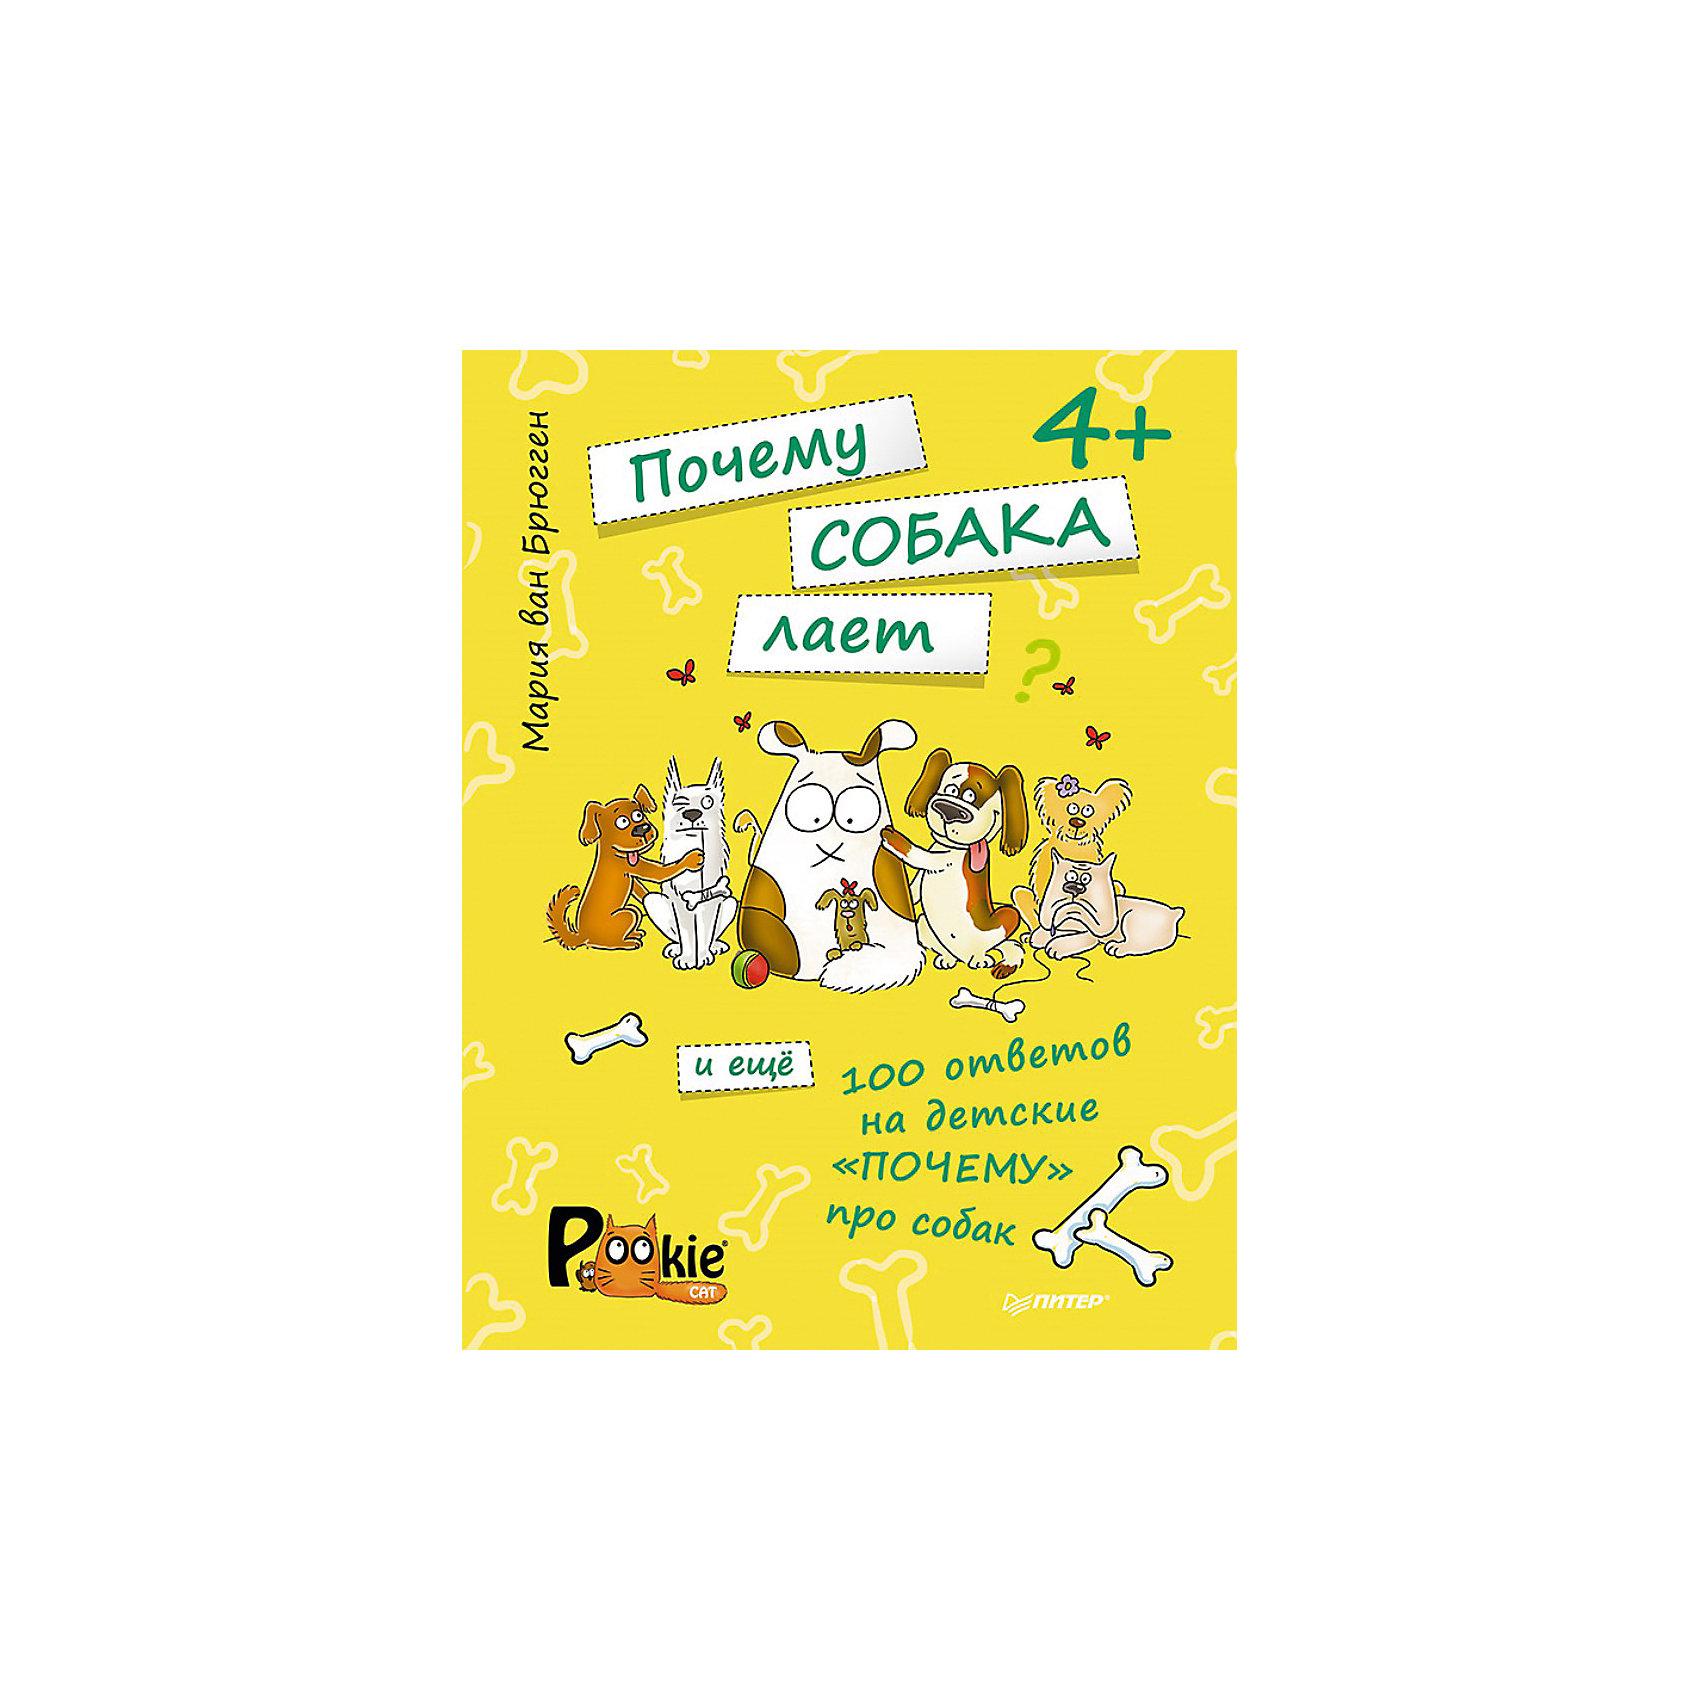 """Почему собака лает и ещё 100 ответов на детские «почему» про собак, для детей от  4 летЭнциклопедии всё обо всём<br>Характеристики книги Почему собака лает и ещё 100 ответов на детские «почему» про собак, для детей от 4 лет:<br><br>• автор: Мария ван Брюгген<br>• формат издания: 20.5х26 см (большой формат)<br>• количество страниц: 64<br>• год выпуска: 2015<br>• издательство: Питер<br>• серия: Вы и Ваш ребенок<br>• переплет: мягкая обложка<br>• цветные иллюстрации : да<br>• возраст: от 4 лет <br>• язык издания: русский<br>• тип издания: отдельное издание<br>• вес в упаковке: 180 г<br><br>Почему собаки любят всё обнюхивать? Почему они похожи на волков? Все ли собаки лают? У какой породы самые длинные уши? Сколько ещё вопросов может задать ребёнок за одну минуту? А Вы знаете ответы на каждый из них? Вам повезло! Теперь у Вас есть исчерпывающий гид по всем детским «почему»!<br><br>Вы слышали о pookiecat? Этот замечательный оранжевый кот писал книгу о своих сородичах — «Почему кот мурлычет и ещё 100 ответов на детские """"почему"""" про кошек от pookiecat». Его друг — пёс Булкин — решил, что теперь он просто обязан написать книгу о собаках. Ведь он знает о них всё! А теперь и Вы узнаете все собачьи секреты. Открывайте первую страницу — и познакомьтесь с собаками поближе.<br><br>Как всегда Булкину и pookiecat (а этот хитрый кот, конечно, тоже заглянул на некоторые страницы книги) помогала их хозяйка — её зовут Мария, она художник-иллюстратор. Мария родилась в Москве, но живёт со своим зоопарком (четыре собаки и три кошки) в замечательном зелёном городке в Европе. И конечно, каждый день приносит ей новые улыбки и вдохновение. Жизнь — всё-таки такое смешное приключение! Хотите посмеяться за компанию? Заходите к Марии в гости: http://elfies.livejournal.com, http://www.pookies-world.com<br><br>Книгу Почему собака лает и ещё 100 ответов на детские «почему» про собак, для детей от 4 лет издательства Питер  можно купить в нашем интернет-магазине.<br><br>Ширина мм: 252<br>Глубина мм: 1"""